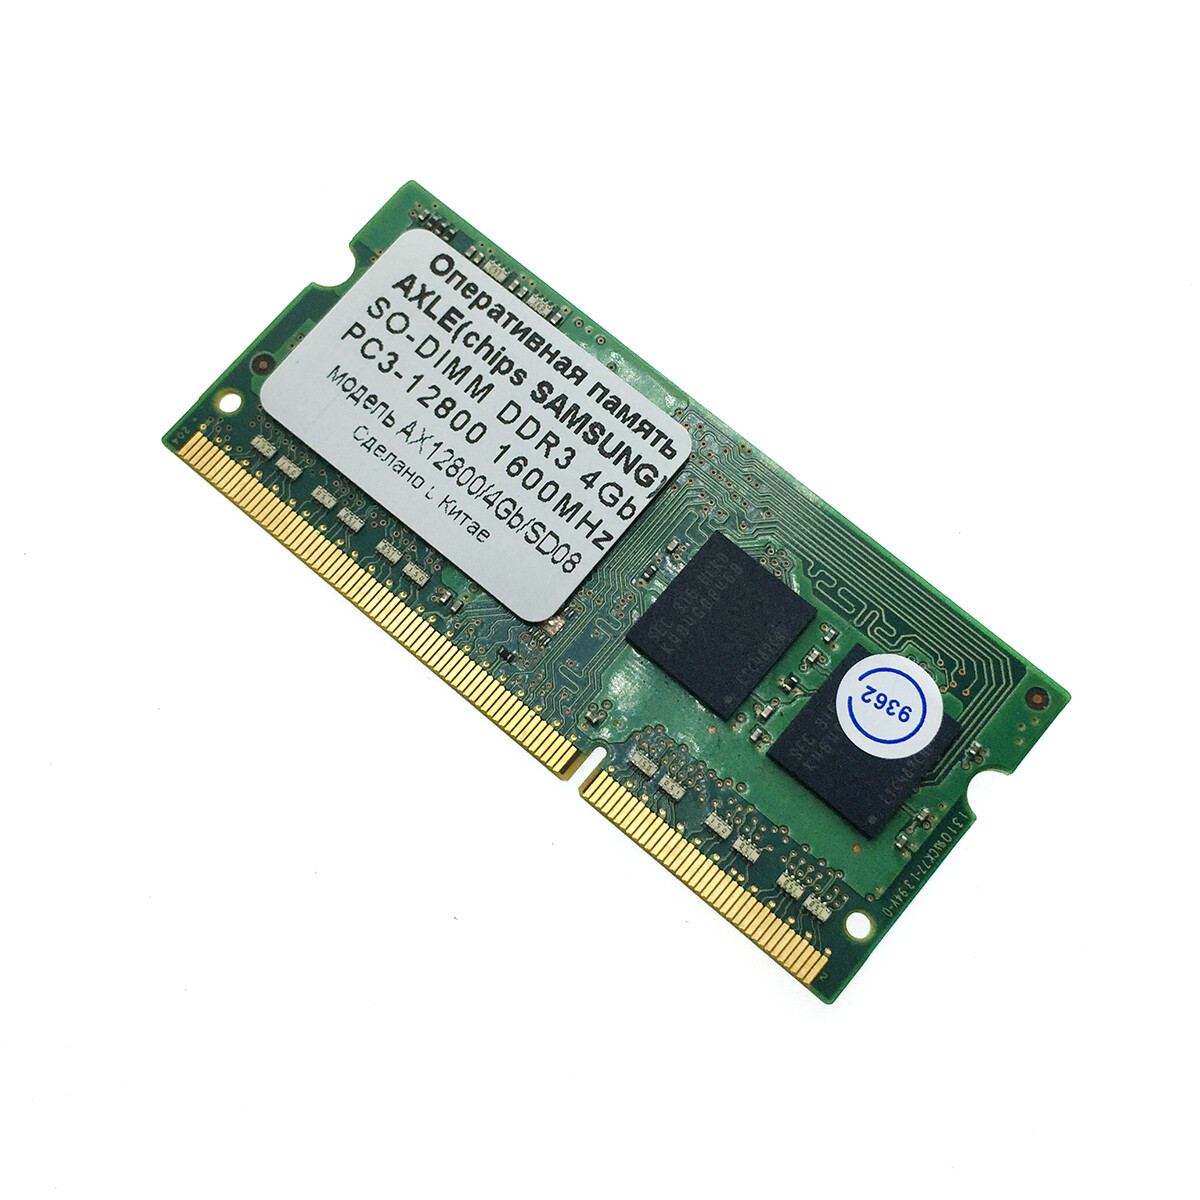 Оперативная память Axle DDR3, 4 Gb, SODIMM, PC3-12800, 1600MHz, 1.5V AX12800/4Gb/SD08